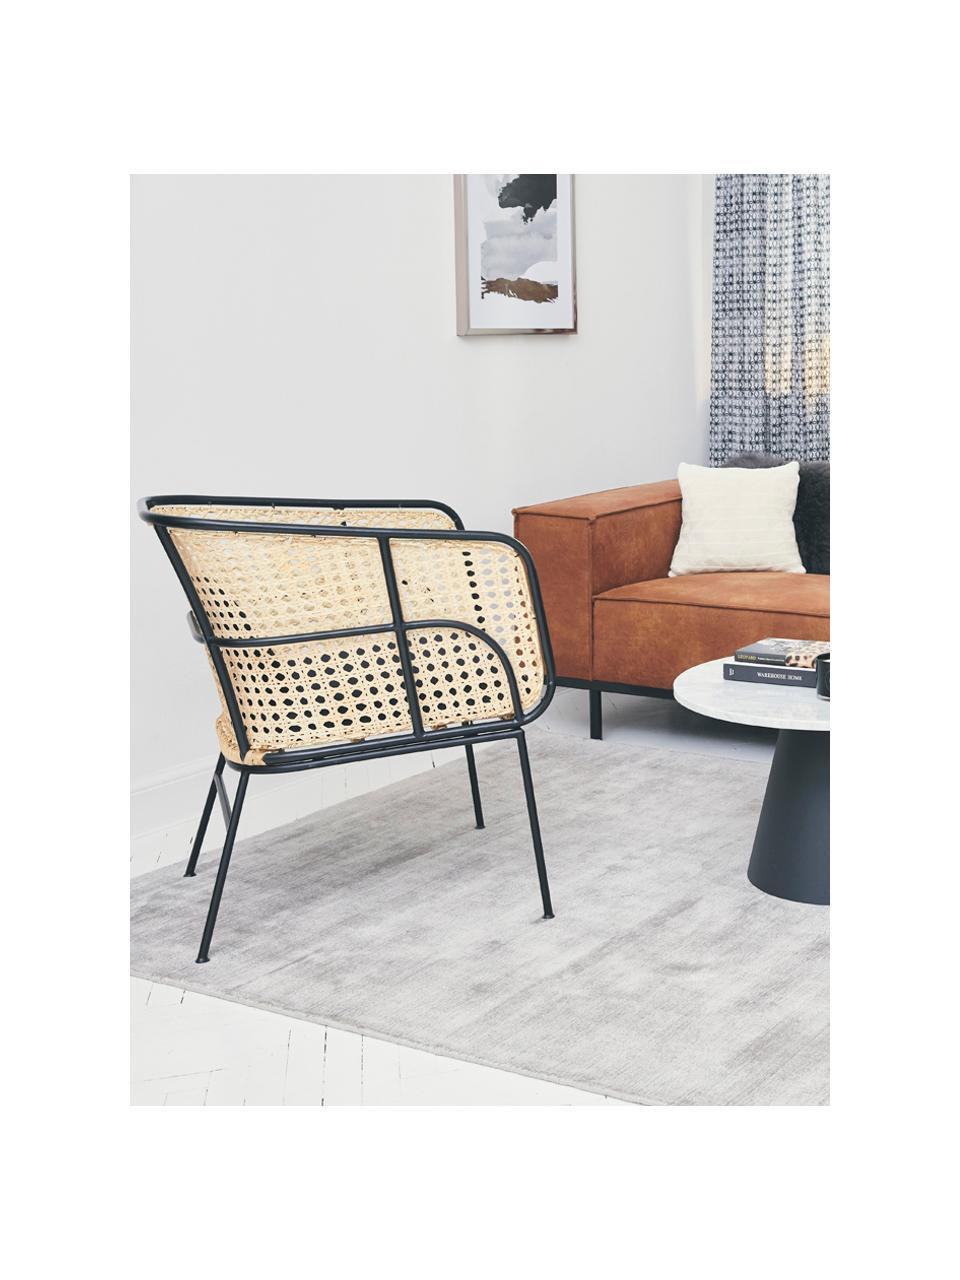 Loungestuhl Merete mit Wiener Geflecht, Sitzfläche: Rattan, Gestell: Metall, pulverbeschichtet, Rattan, Schwarz, B 72 x T 74 cm